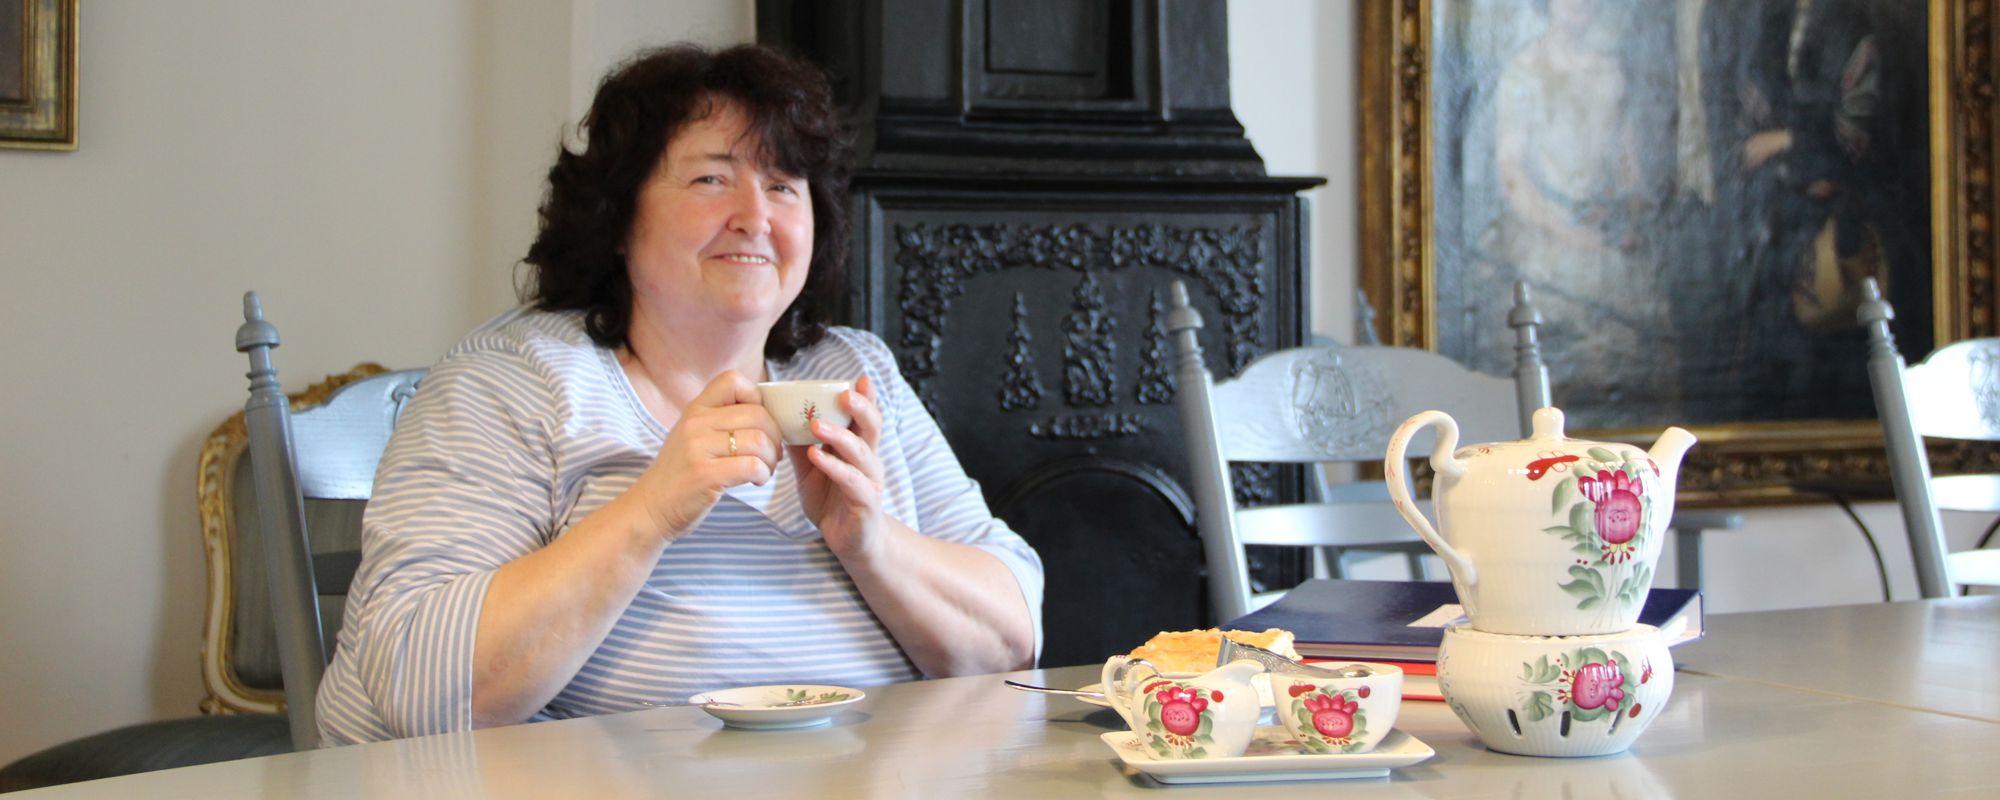 Teestunde mit Gisela im Haus des Gastes